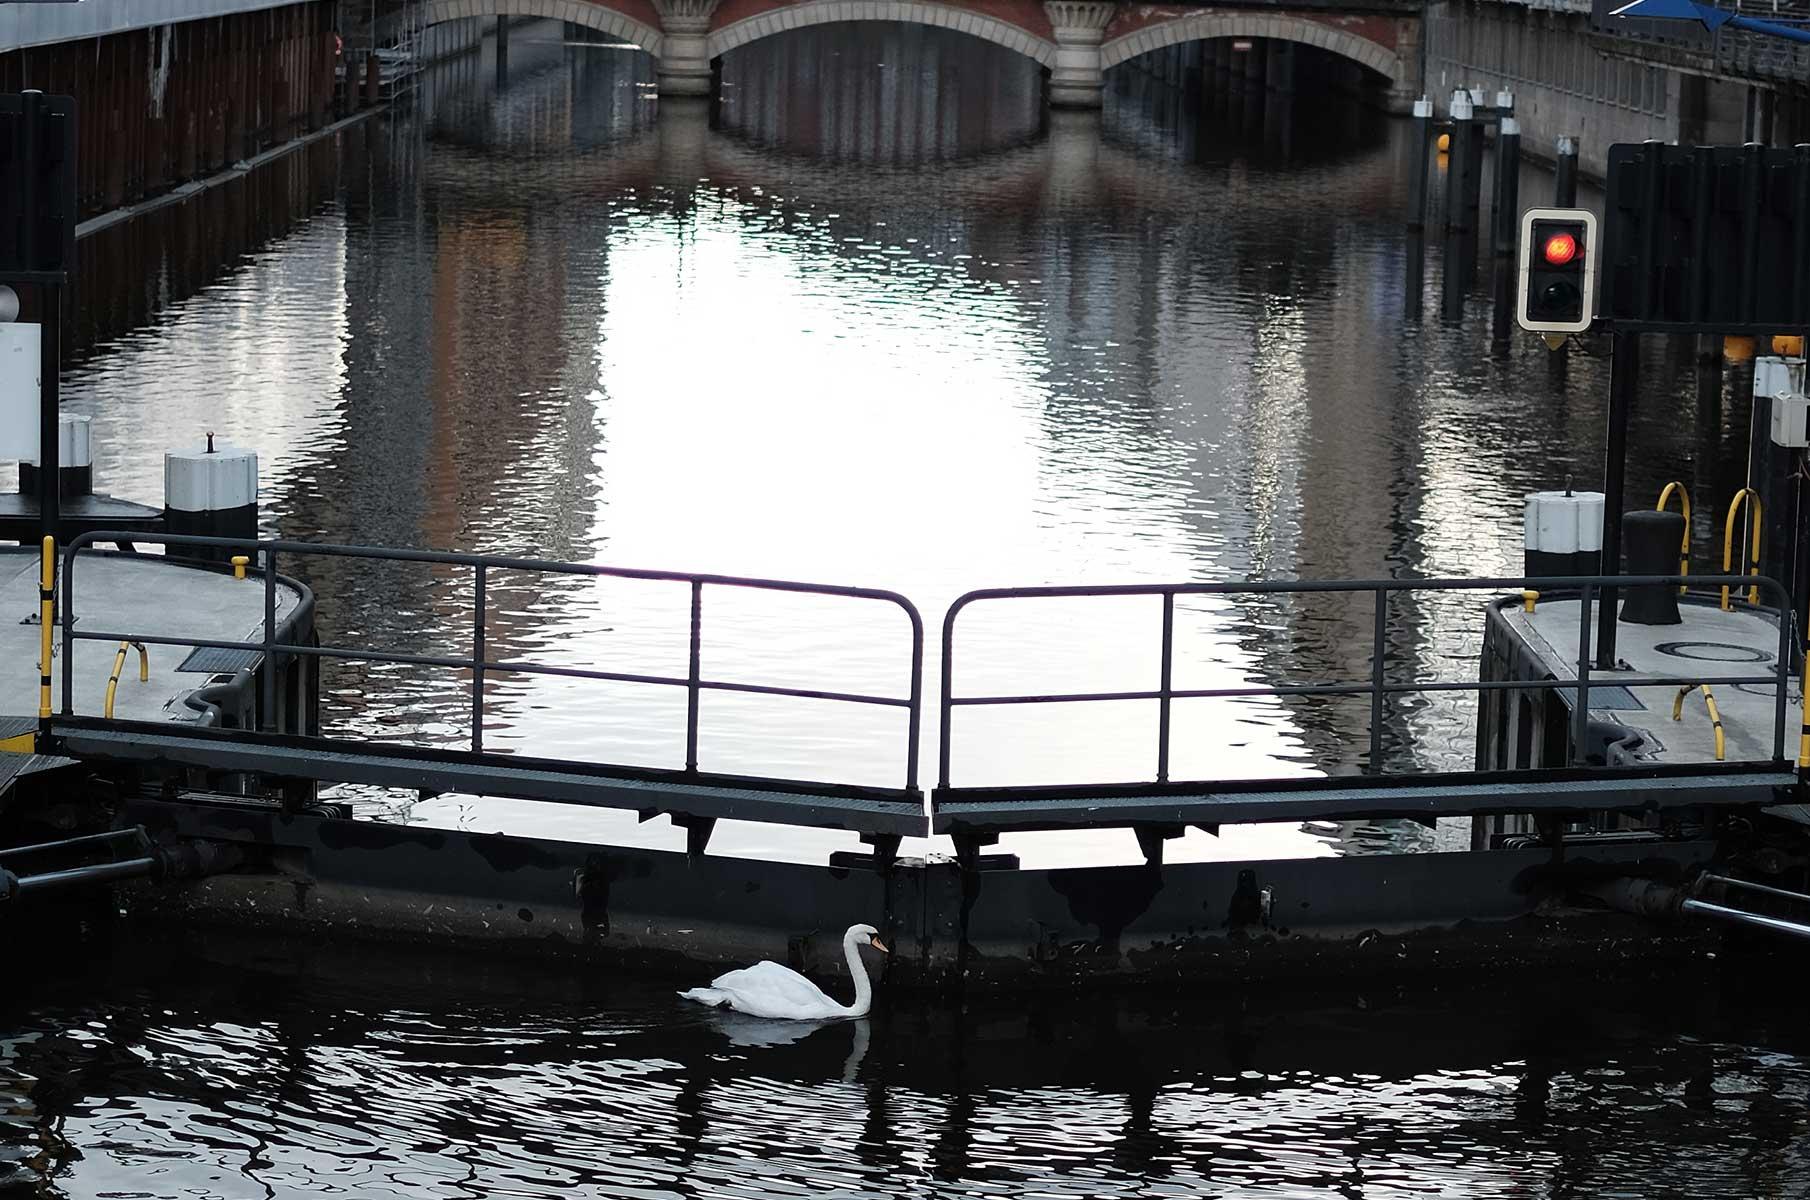 Weißer Schwan in der Kleinen Alster in Hamburg